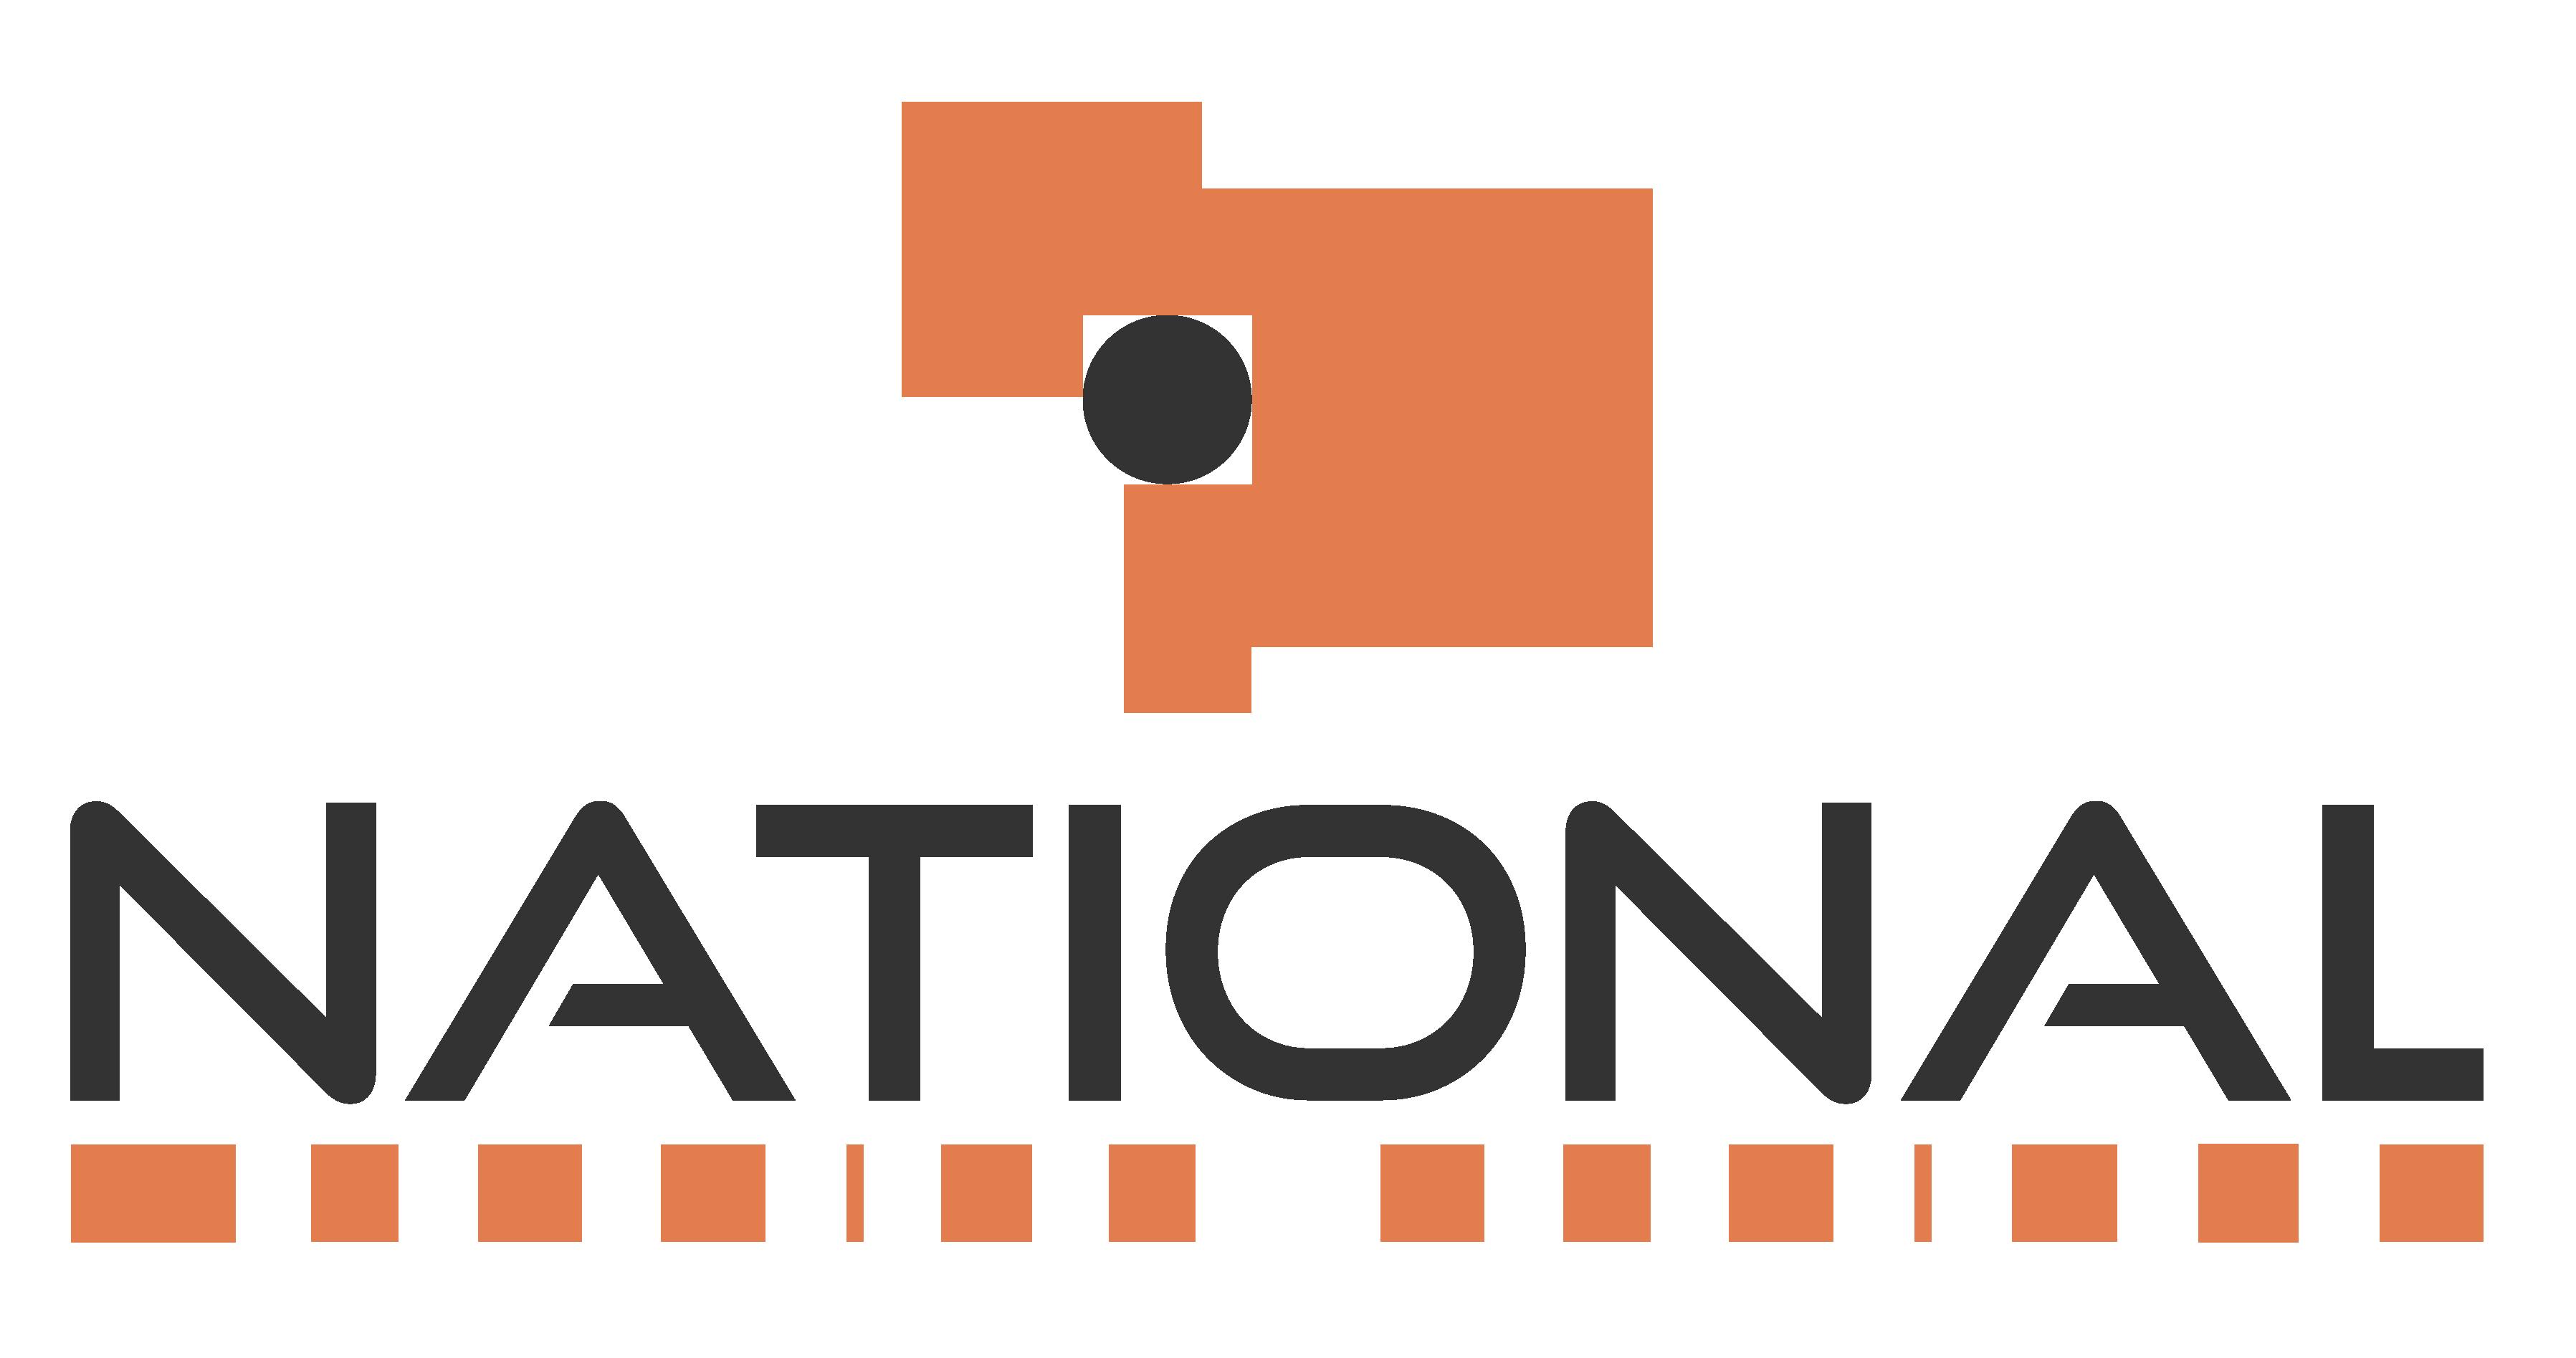 National Website Design